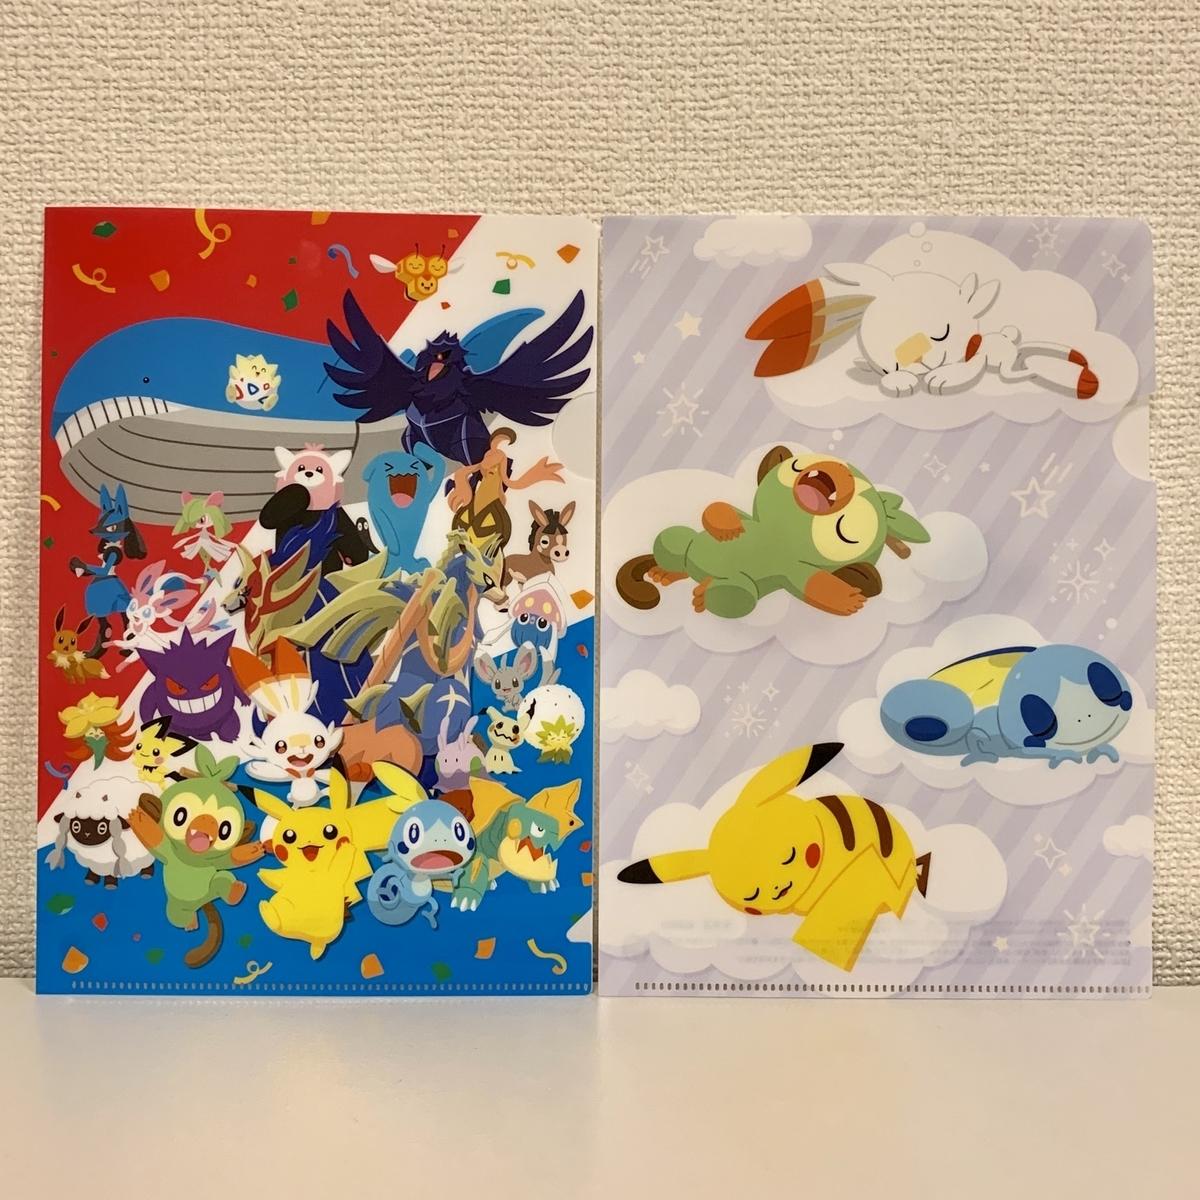 f:id:pikachu_pcn:20191026172018j:plain